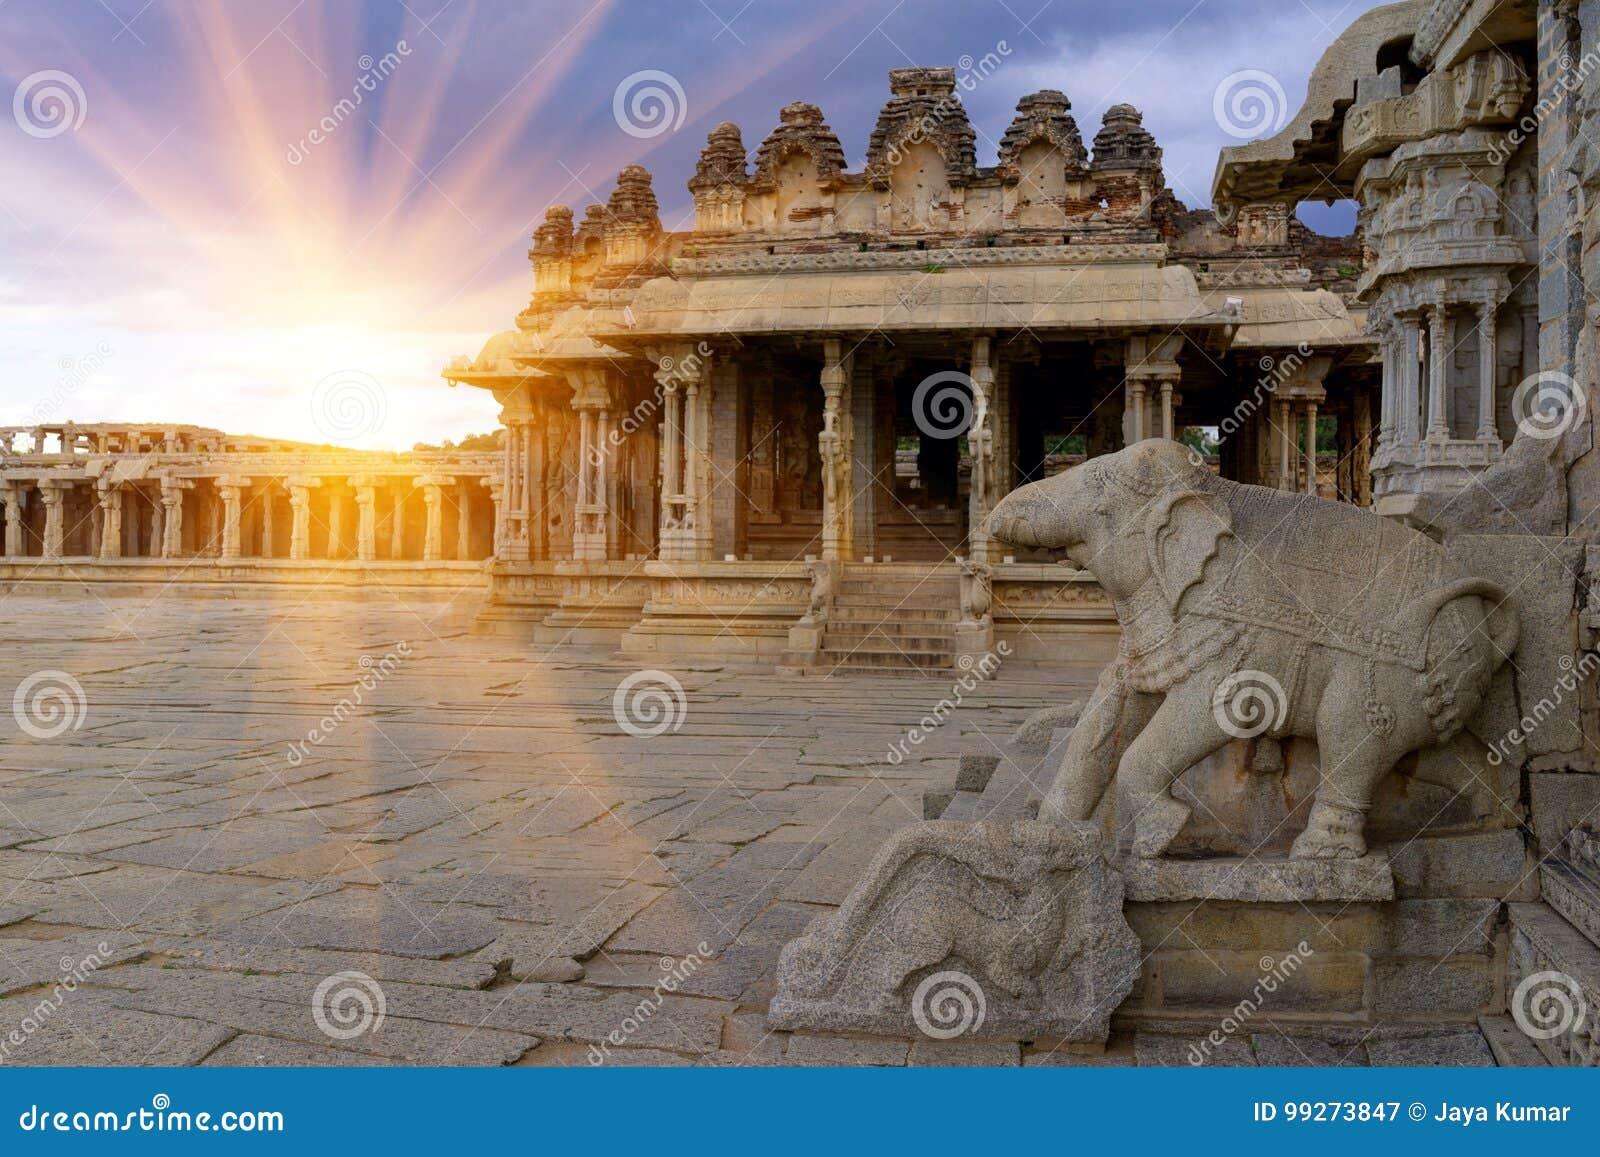 Vittala Temple Hampi, Karnataka, India